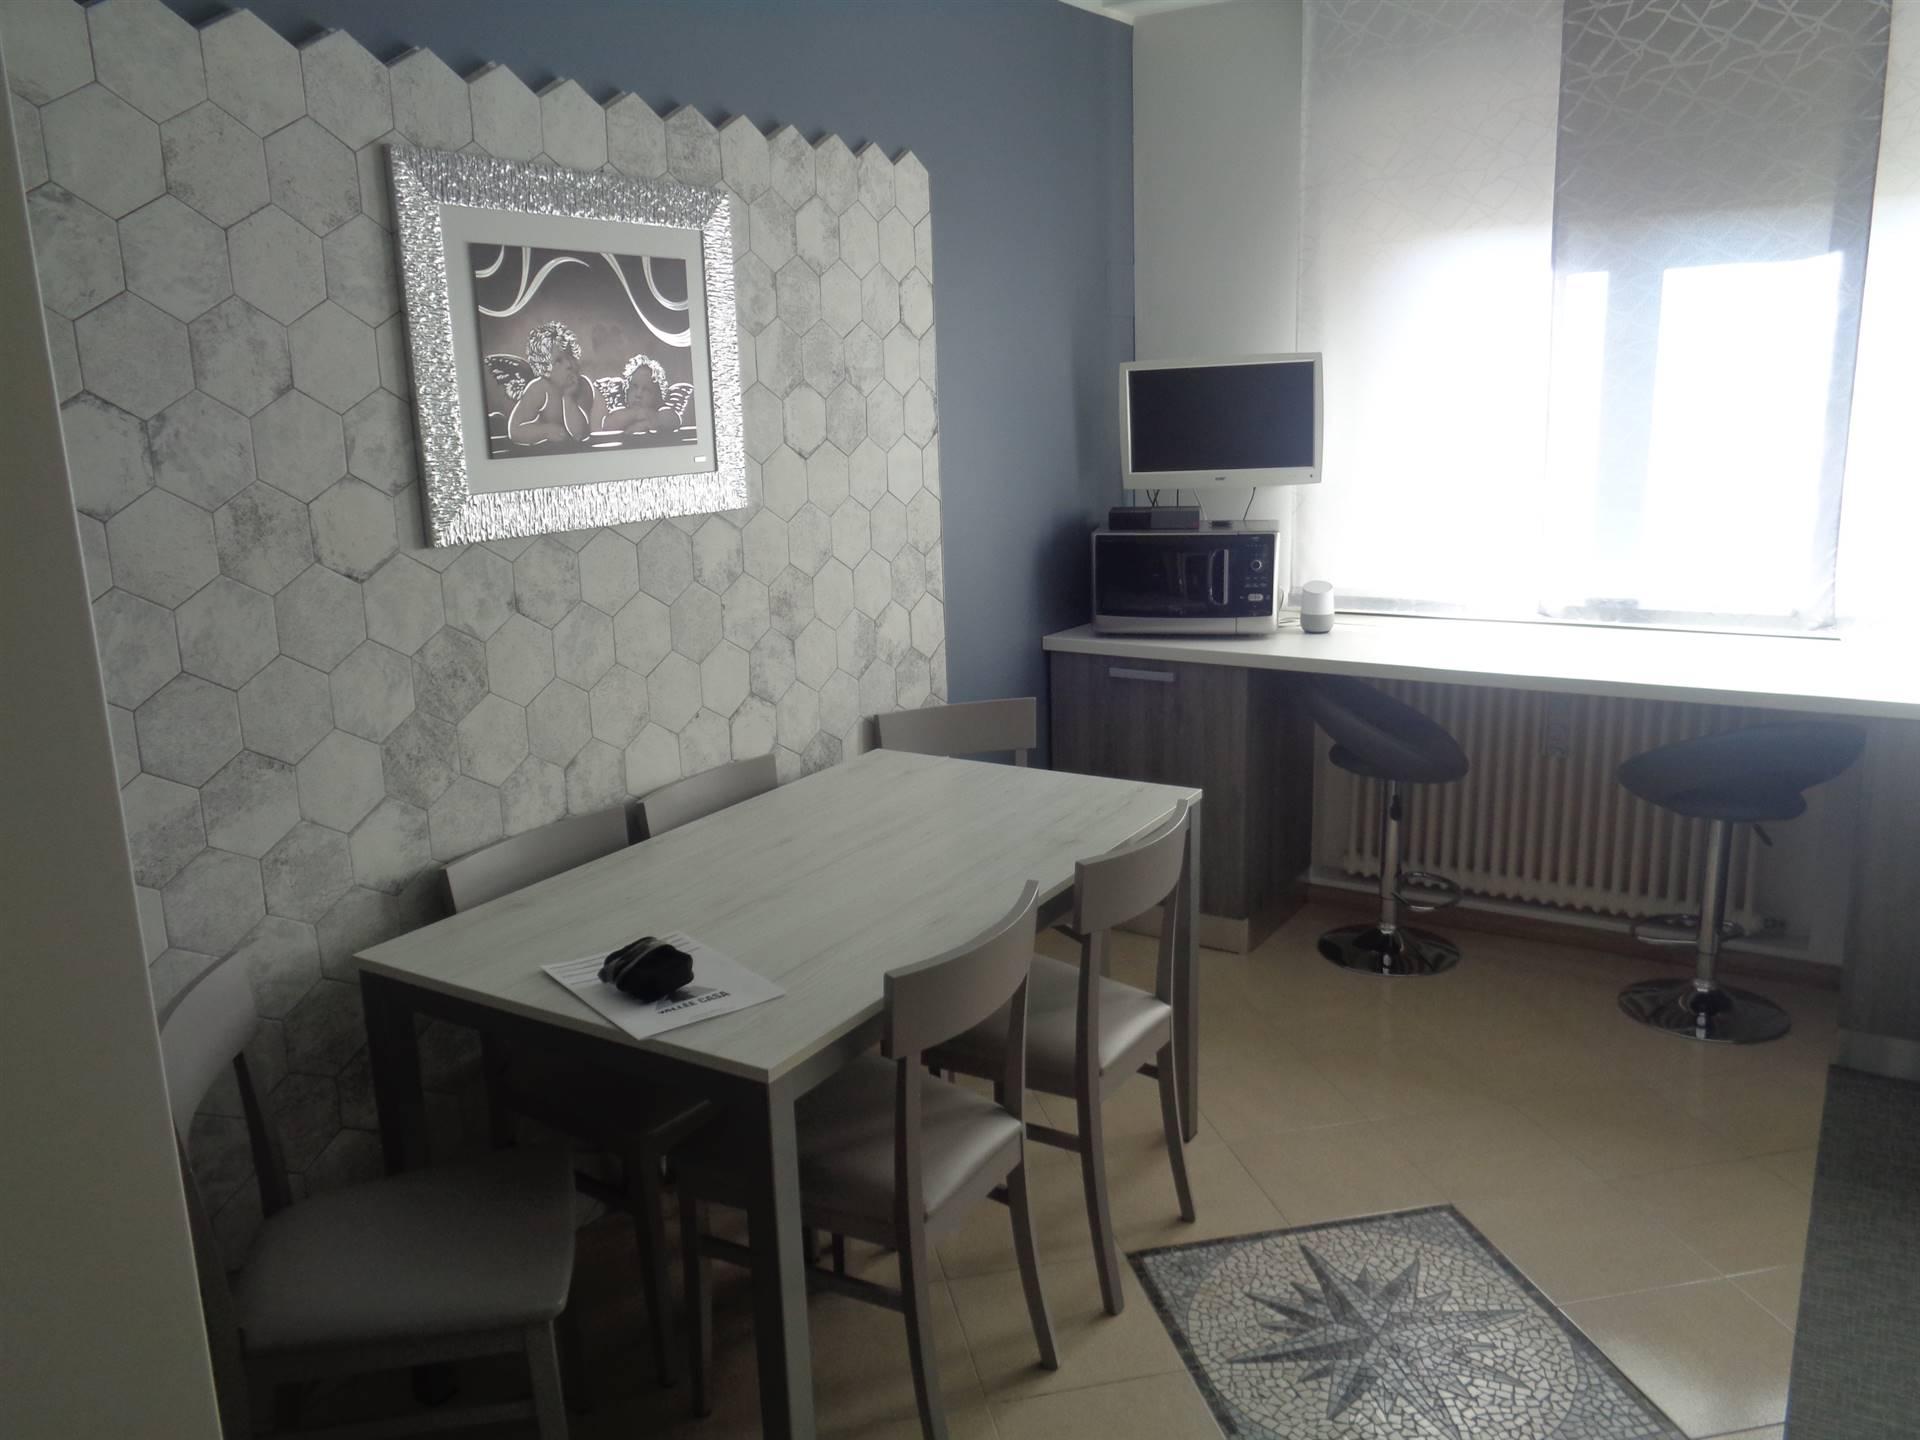 Appartamento in vendita a Aosta, 5 locali, zona Zona: Semicentro, prezzo € 190.000 | CambioCasa.it